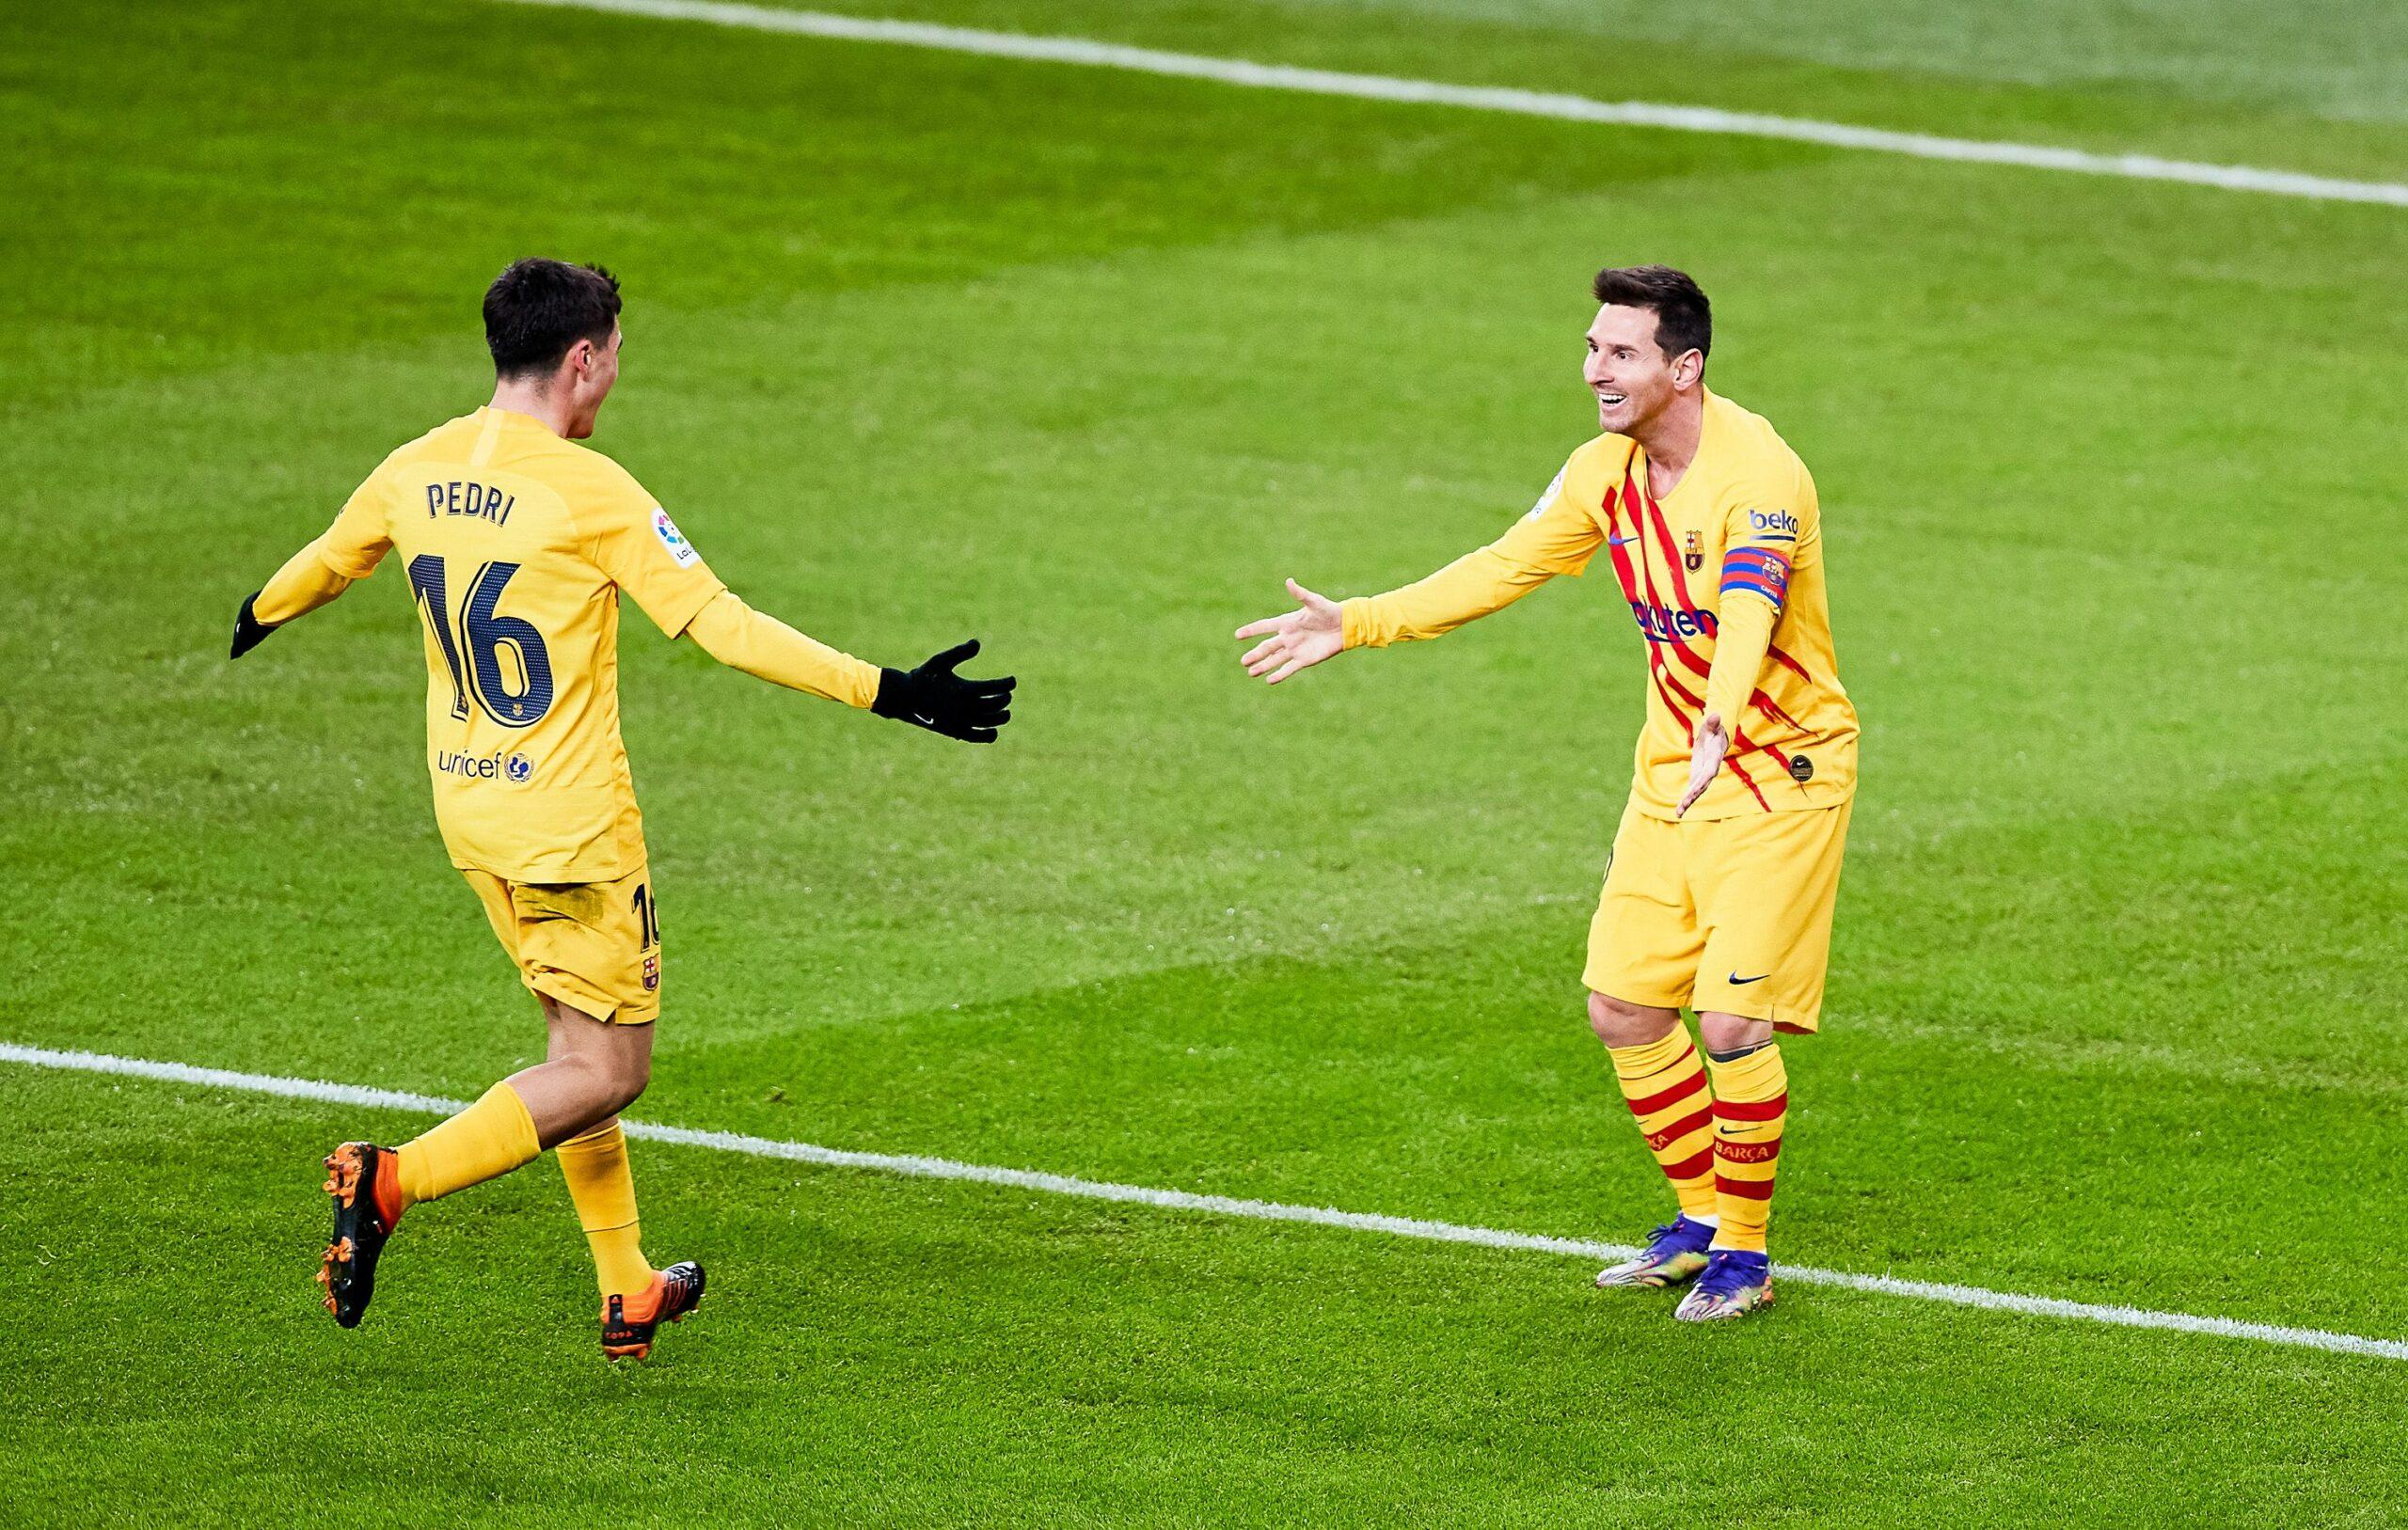 Messi i Pedri celebren un gol | Europa Press